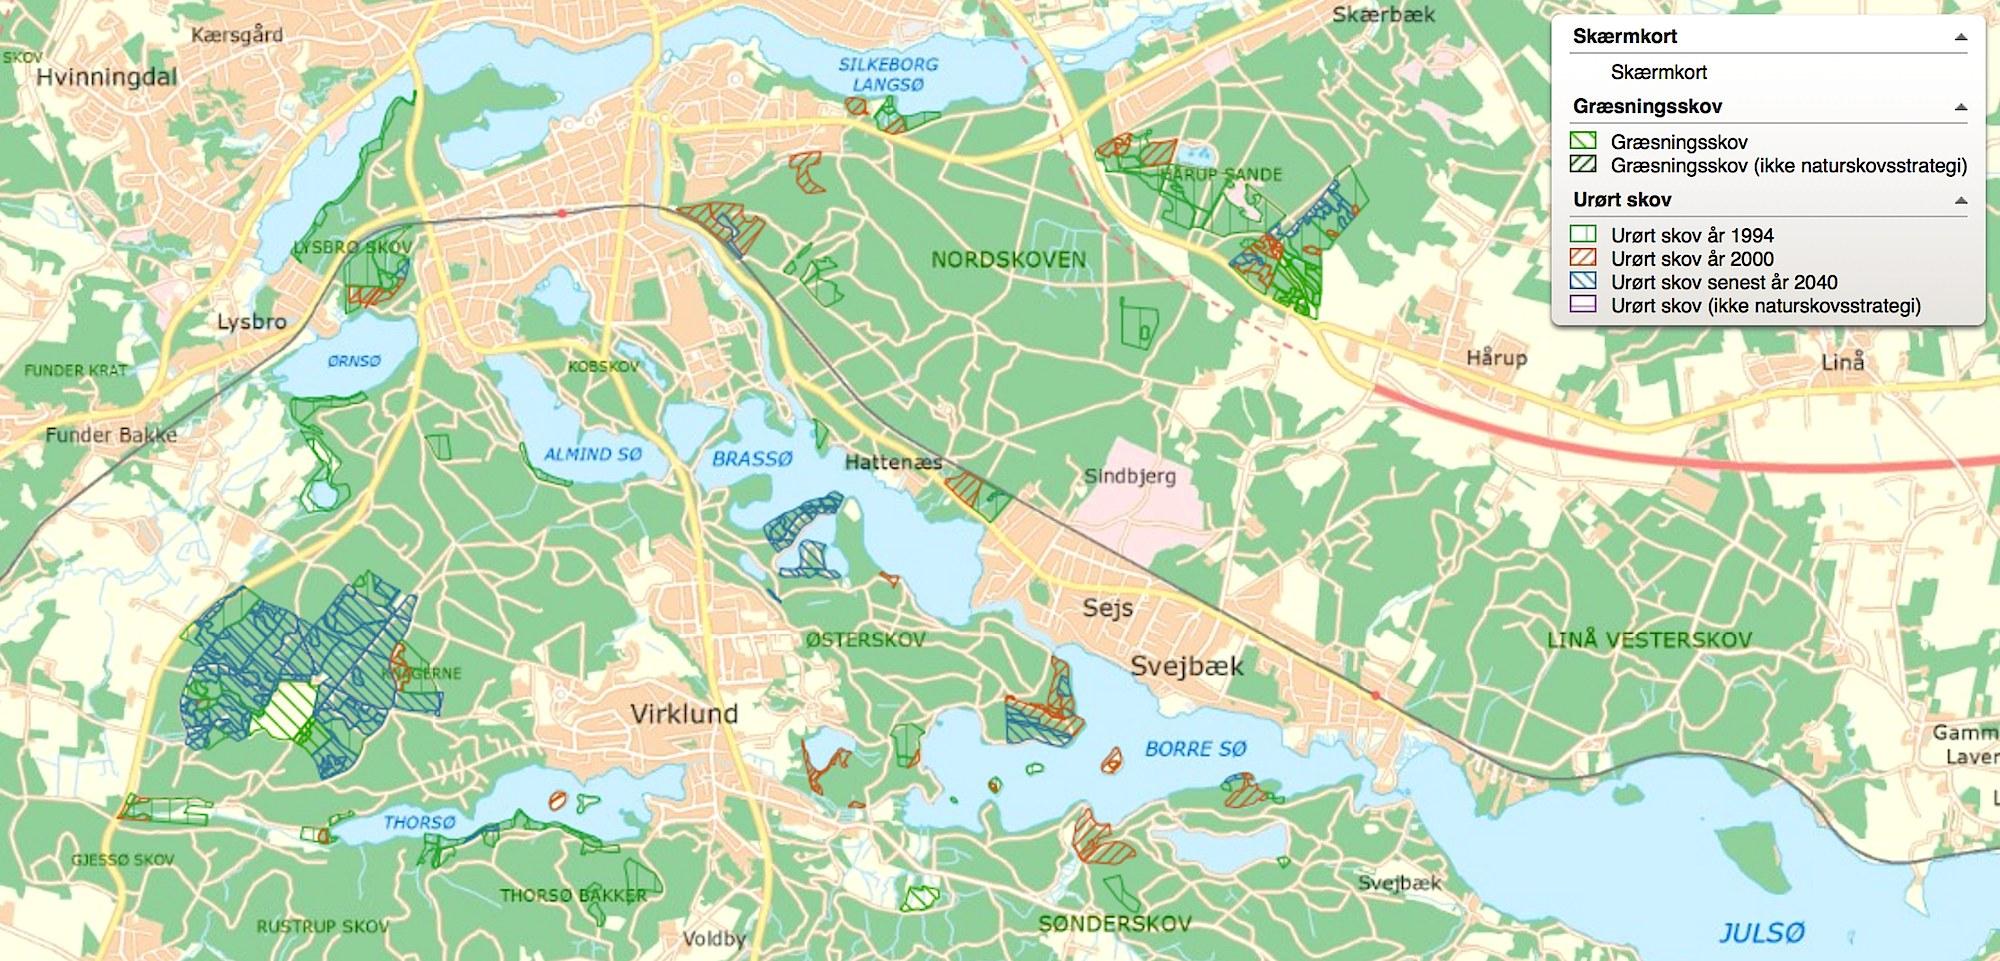 Vandreruter Silkeborg